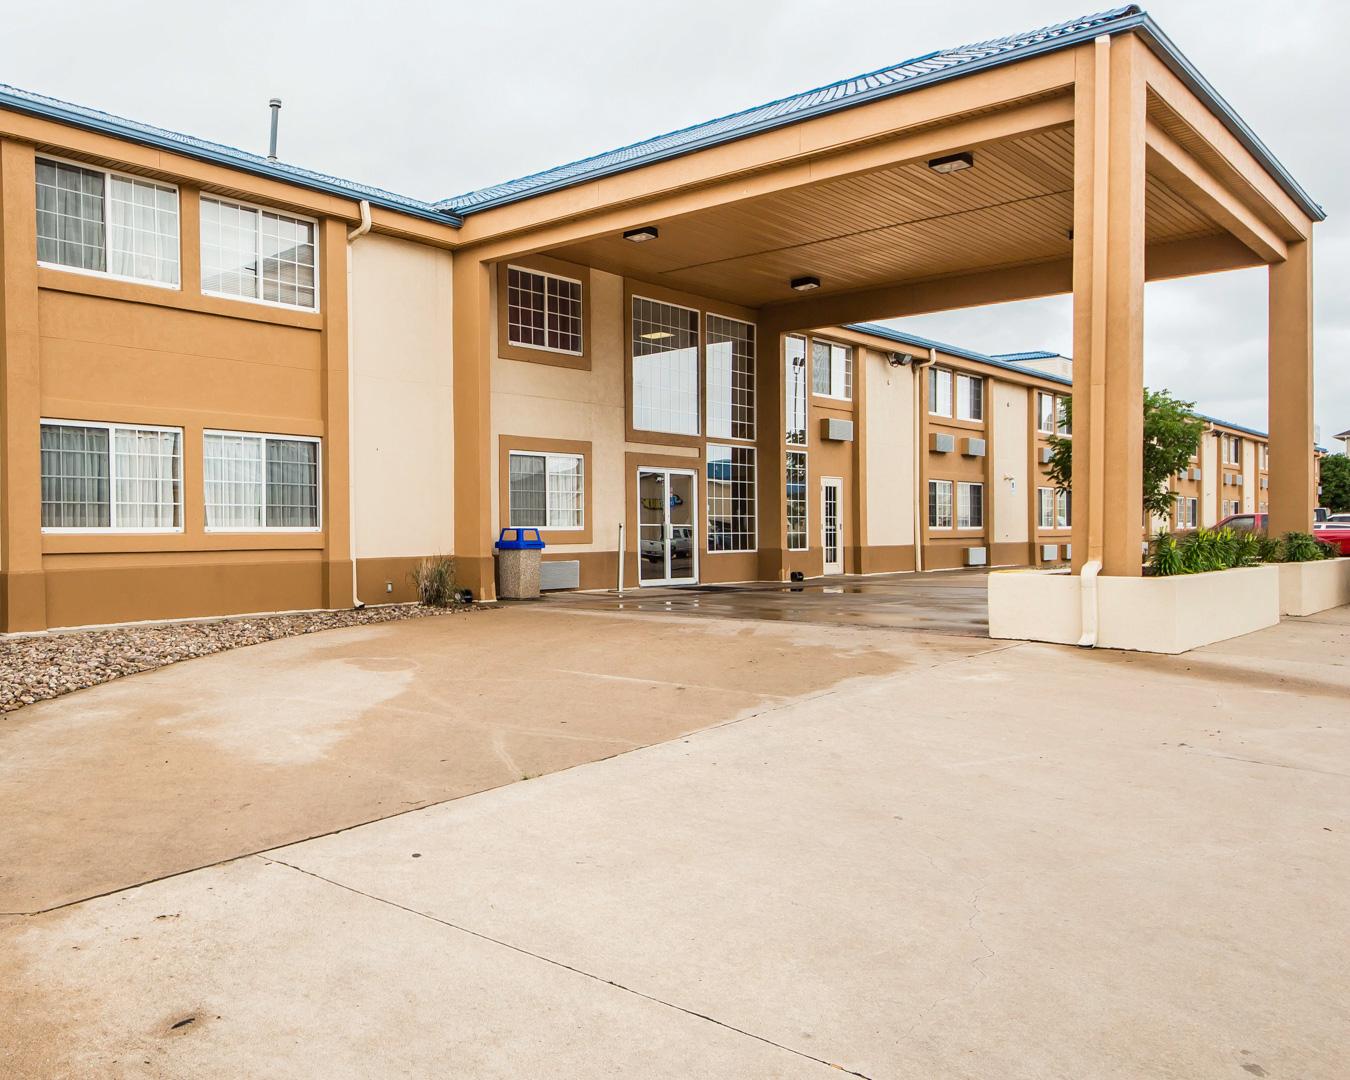 Econo Lodge Blackwell - I-35, Blackwell OK